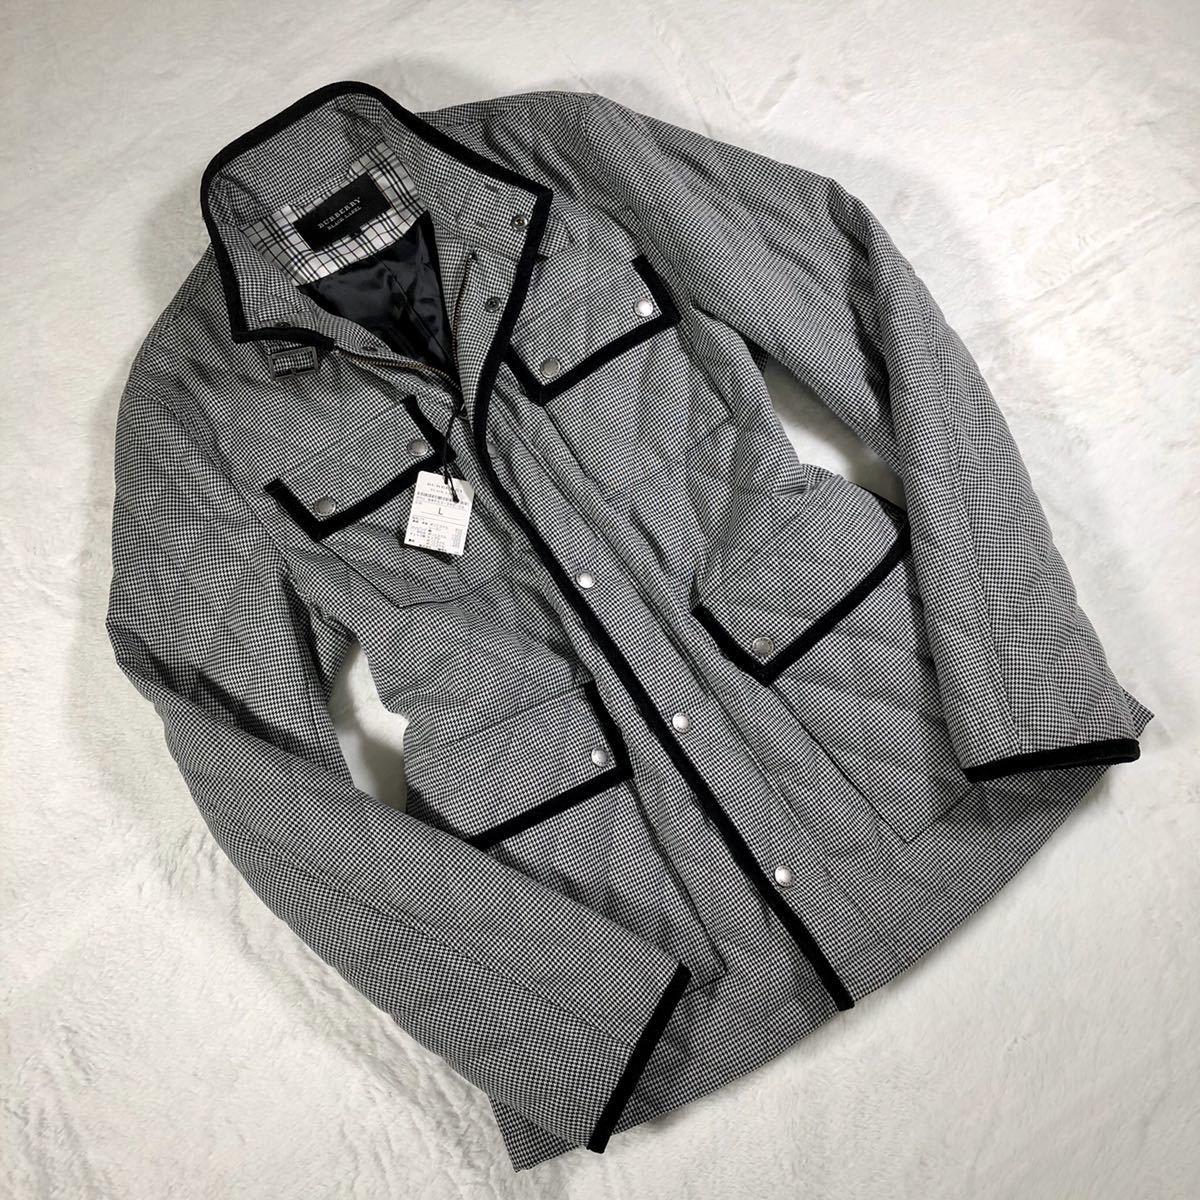 【ほぼ新品・極希少】バーバリーブラックレーベル キルティングジャケット 千鳥格子 Lサイズ BURBERRY BLACK LABEL アウター ブルゾン